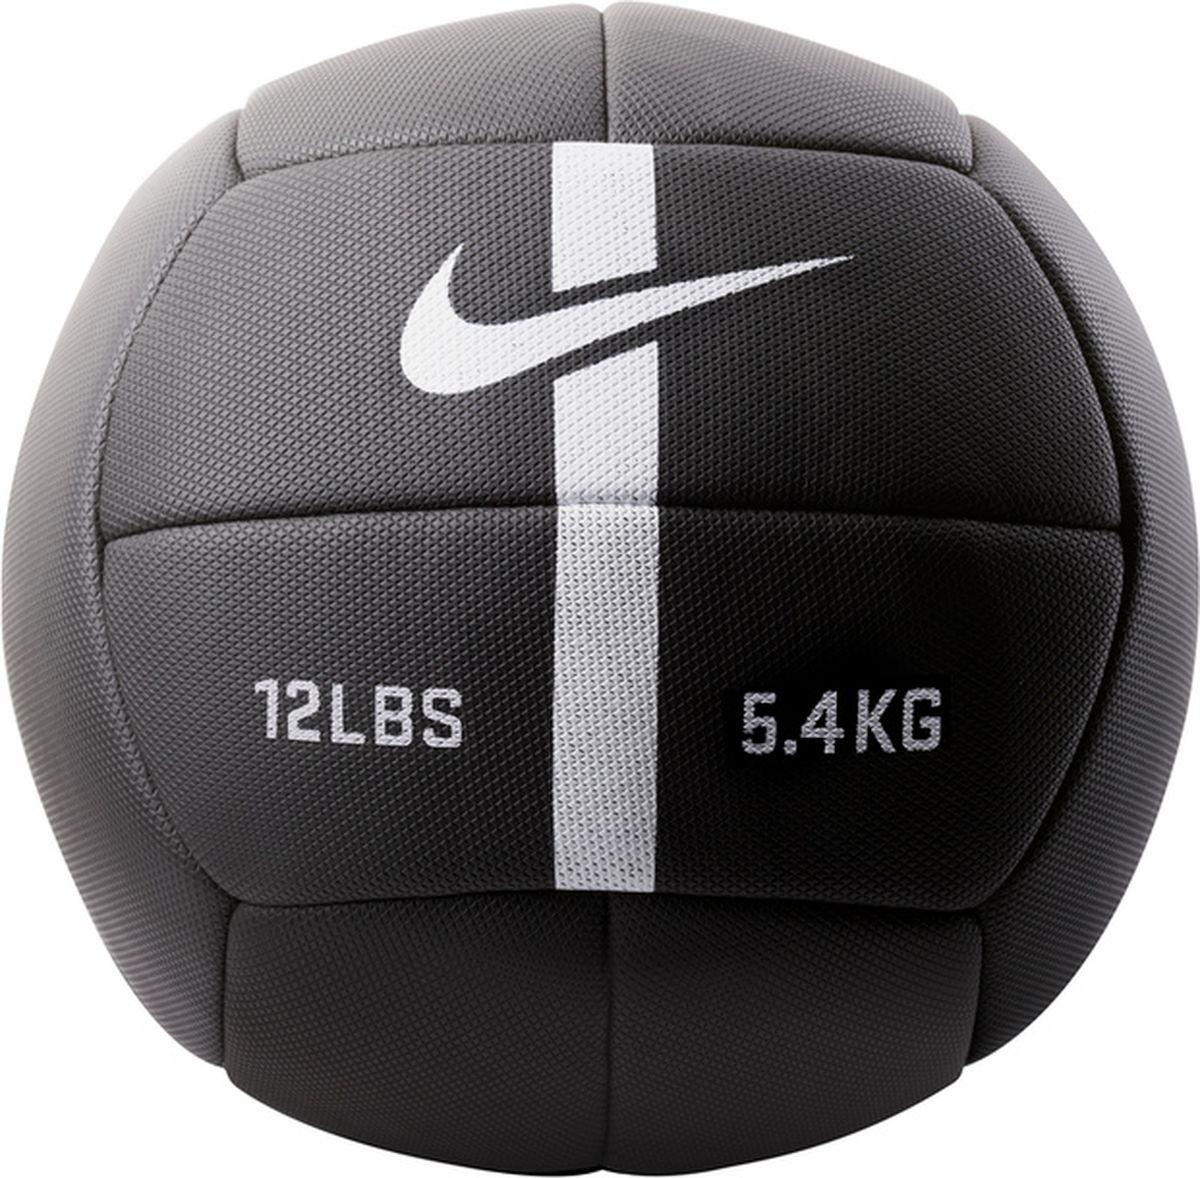 Мяч для фитнеса Nike Strength Training Ball, цвет: черный, белый. N.EW.07.010.NS мяч баскетбольный nike skills цвет пурпурный черный белый размер 3